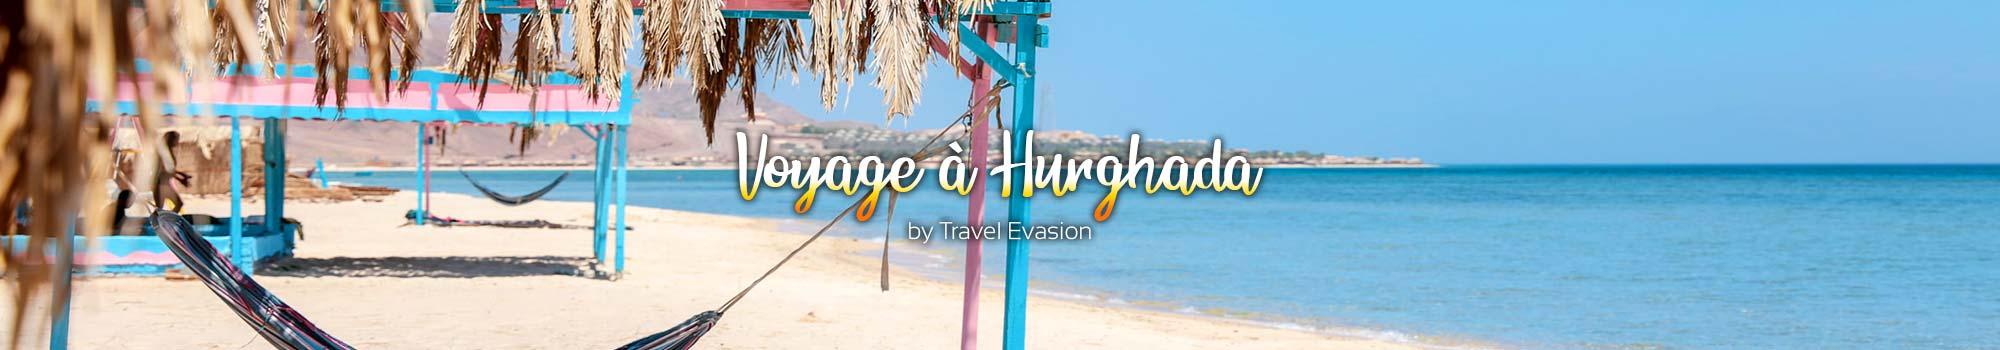 Séjour hotel tout compris à Hurghada en Egypte sur la mer rouge